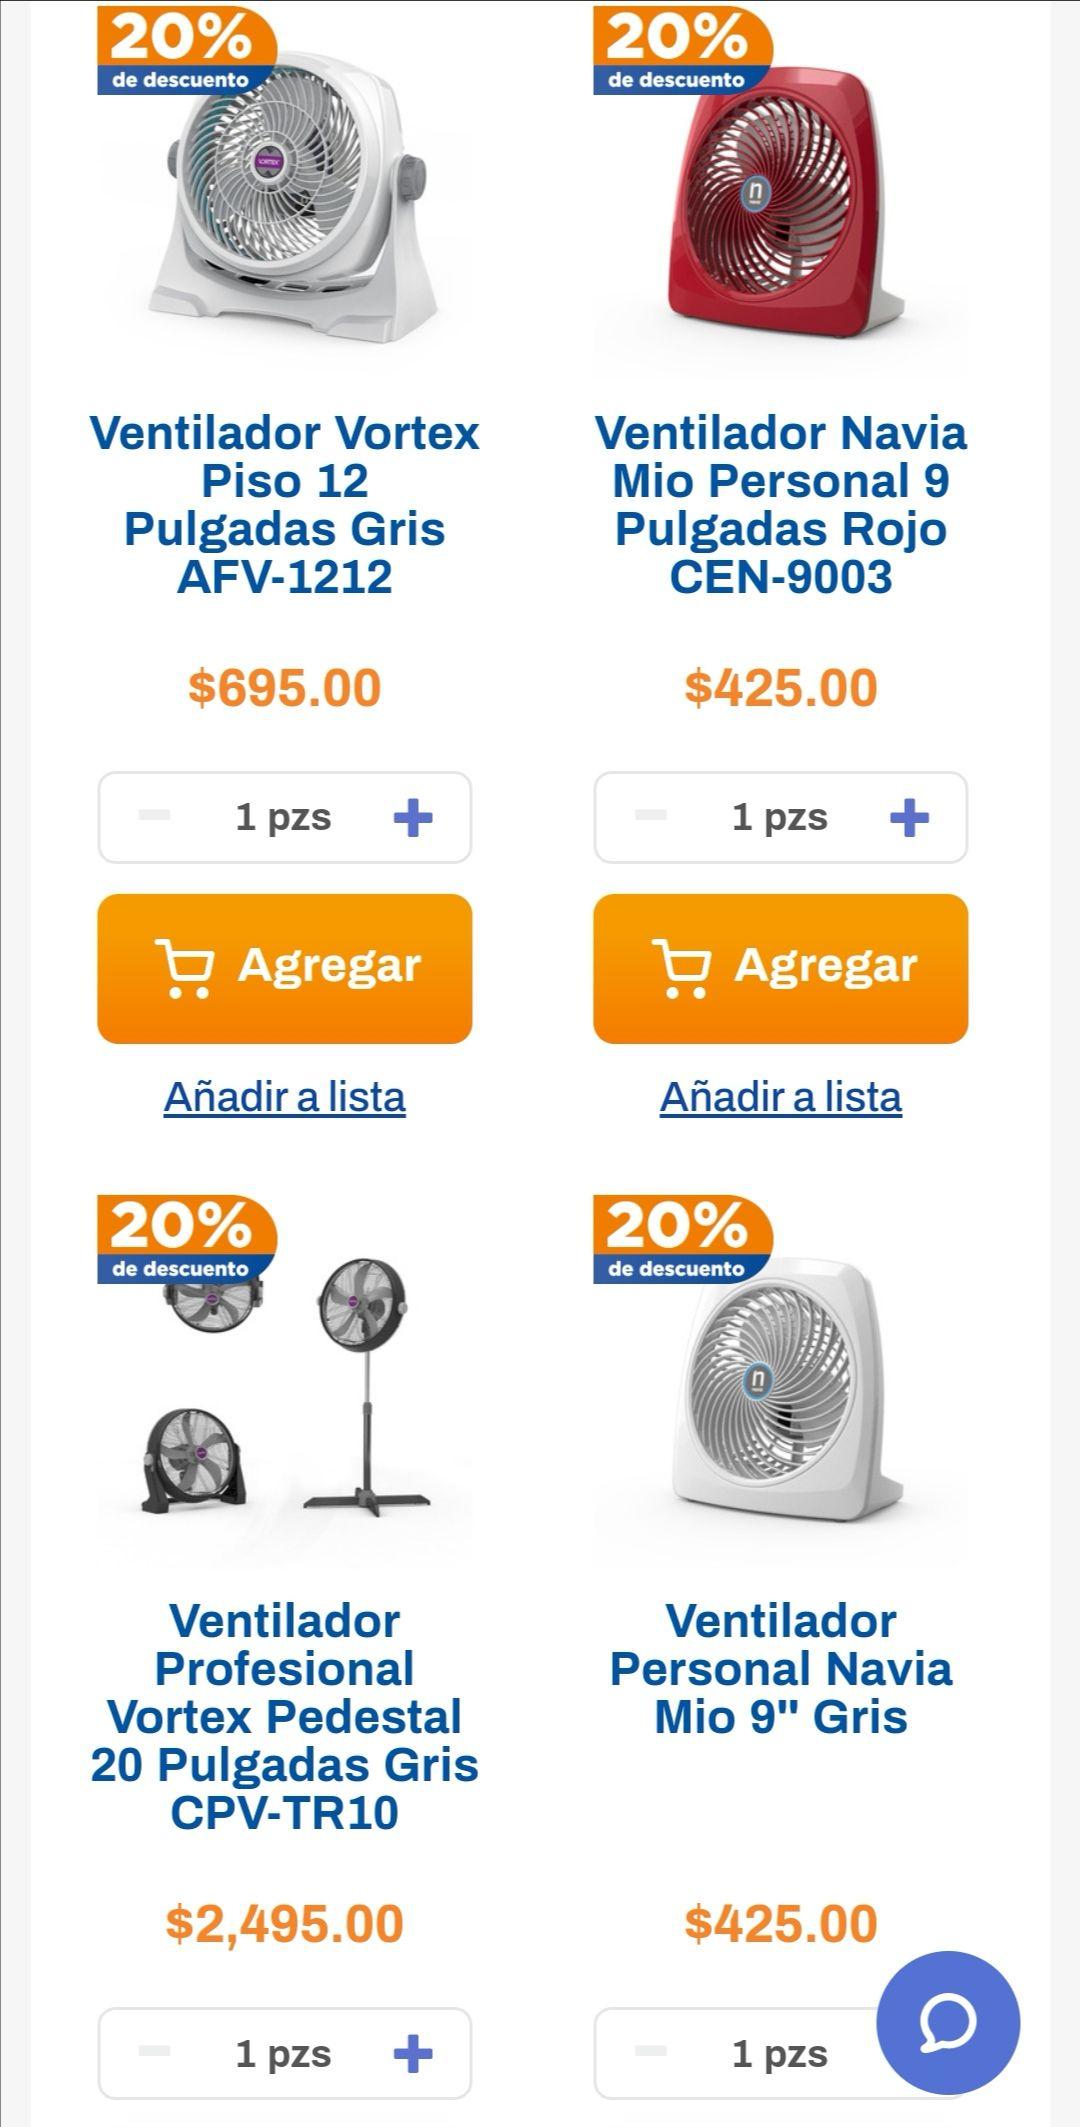 Chedraui: 20% de descuento en ventiladores Navia y Vortex y en ventiladores y humidificadores seleccionados